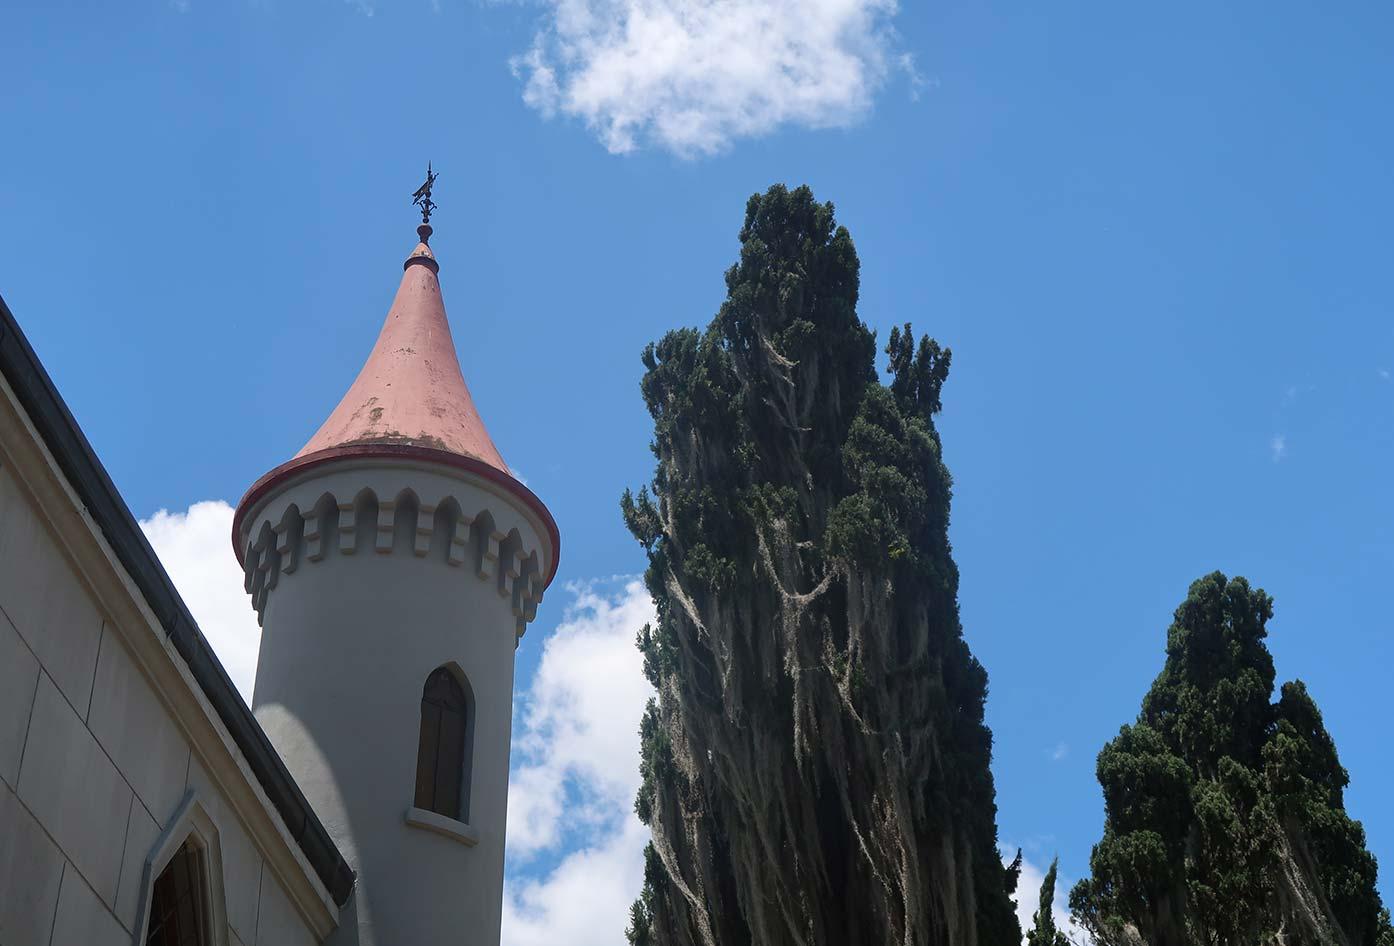 el castillo museum and-gardens